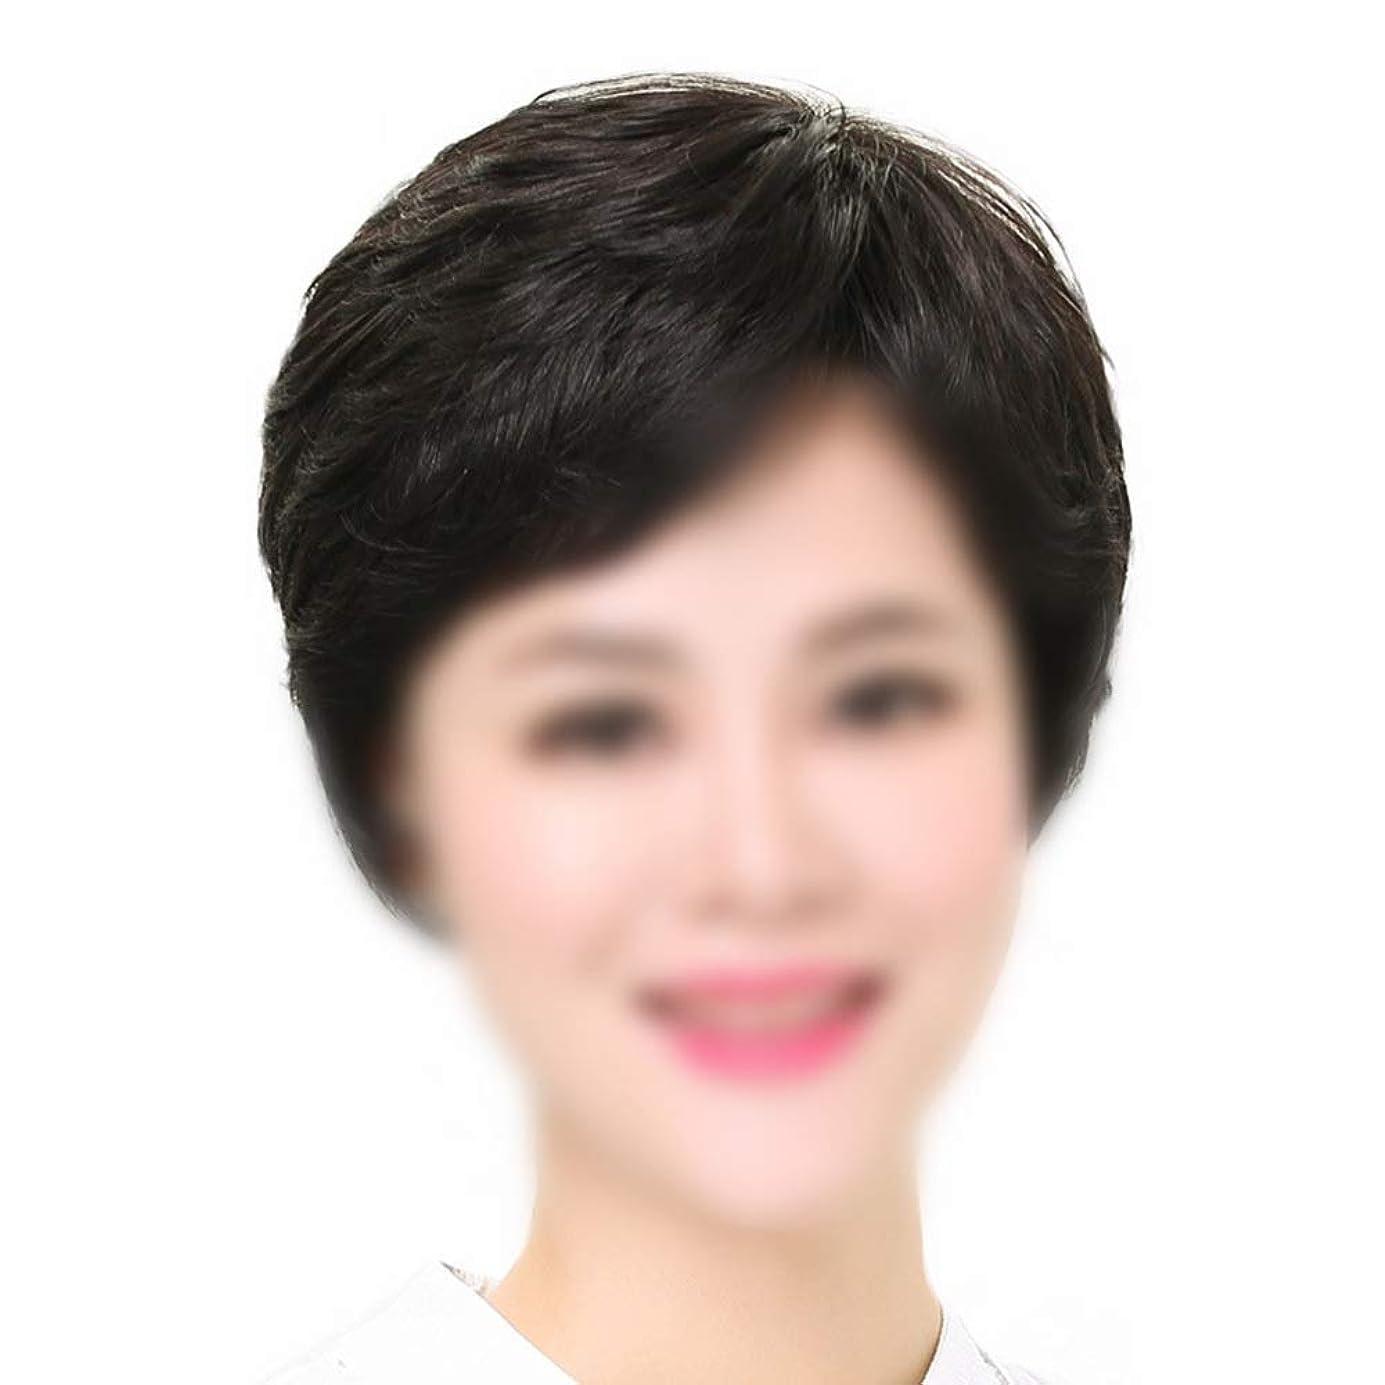 悪化するに渡って直接HOHYLLYA フル織りの女性の自然な人間の髪の毛のマイクロ波短髪中年のかつらパーティーのかつら (色 : Natural black, サイズ : Hand-needle)